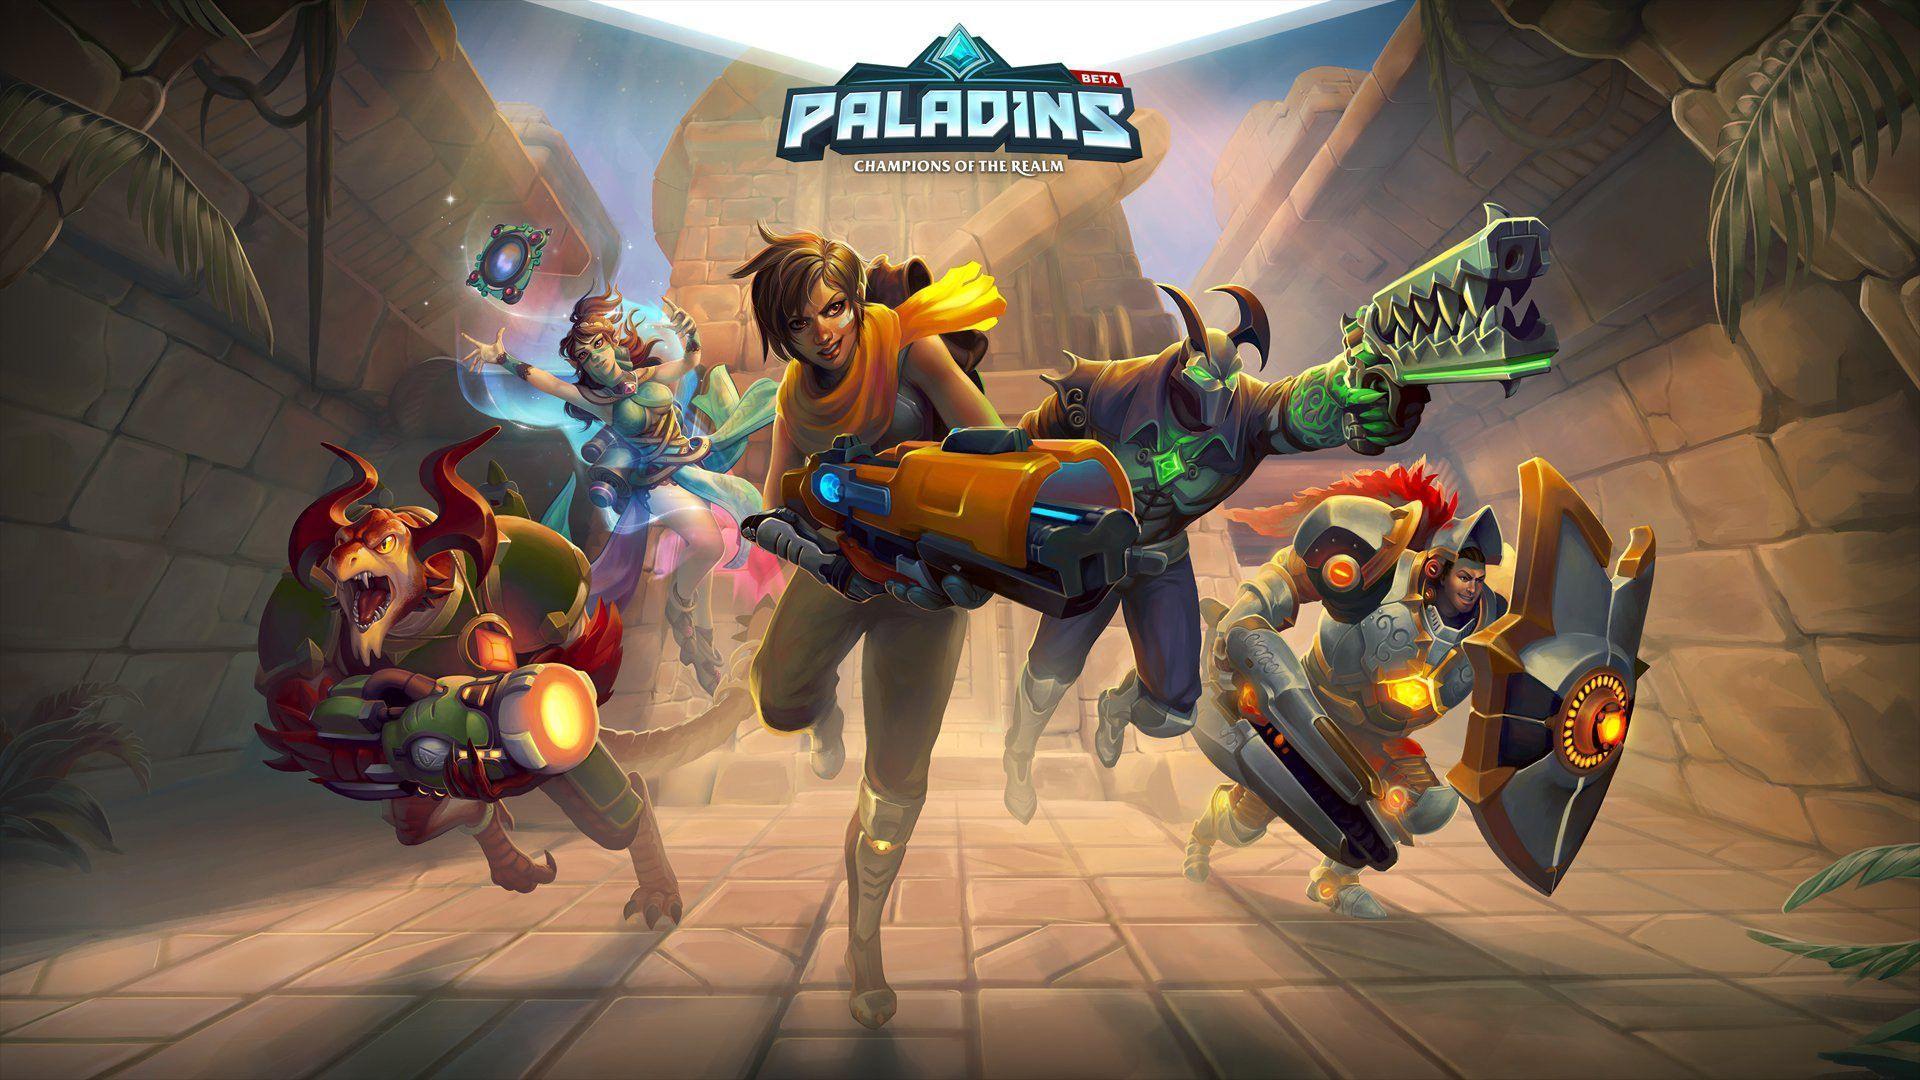 Εμφανίστηκε επίσημα το Paladins στο eShop